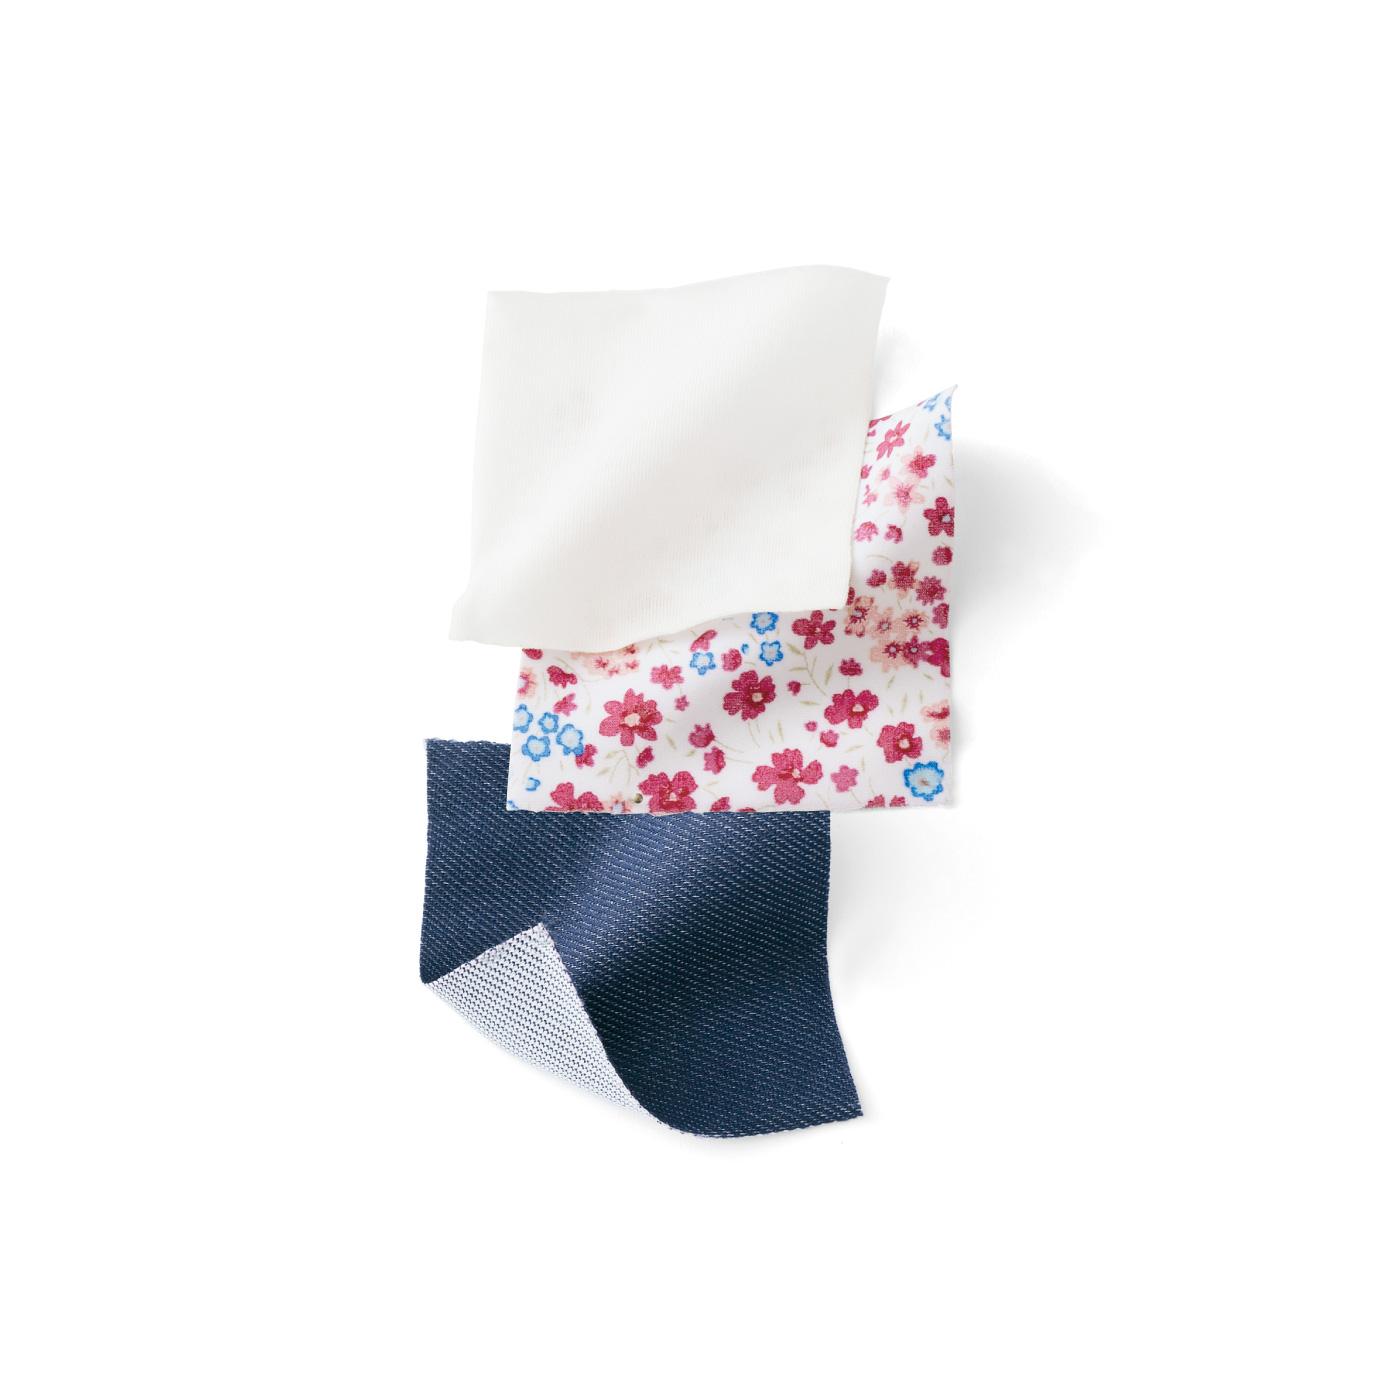 綿のような水着素材で洋服感アップ!